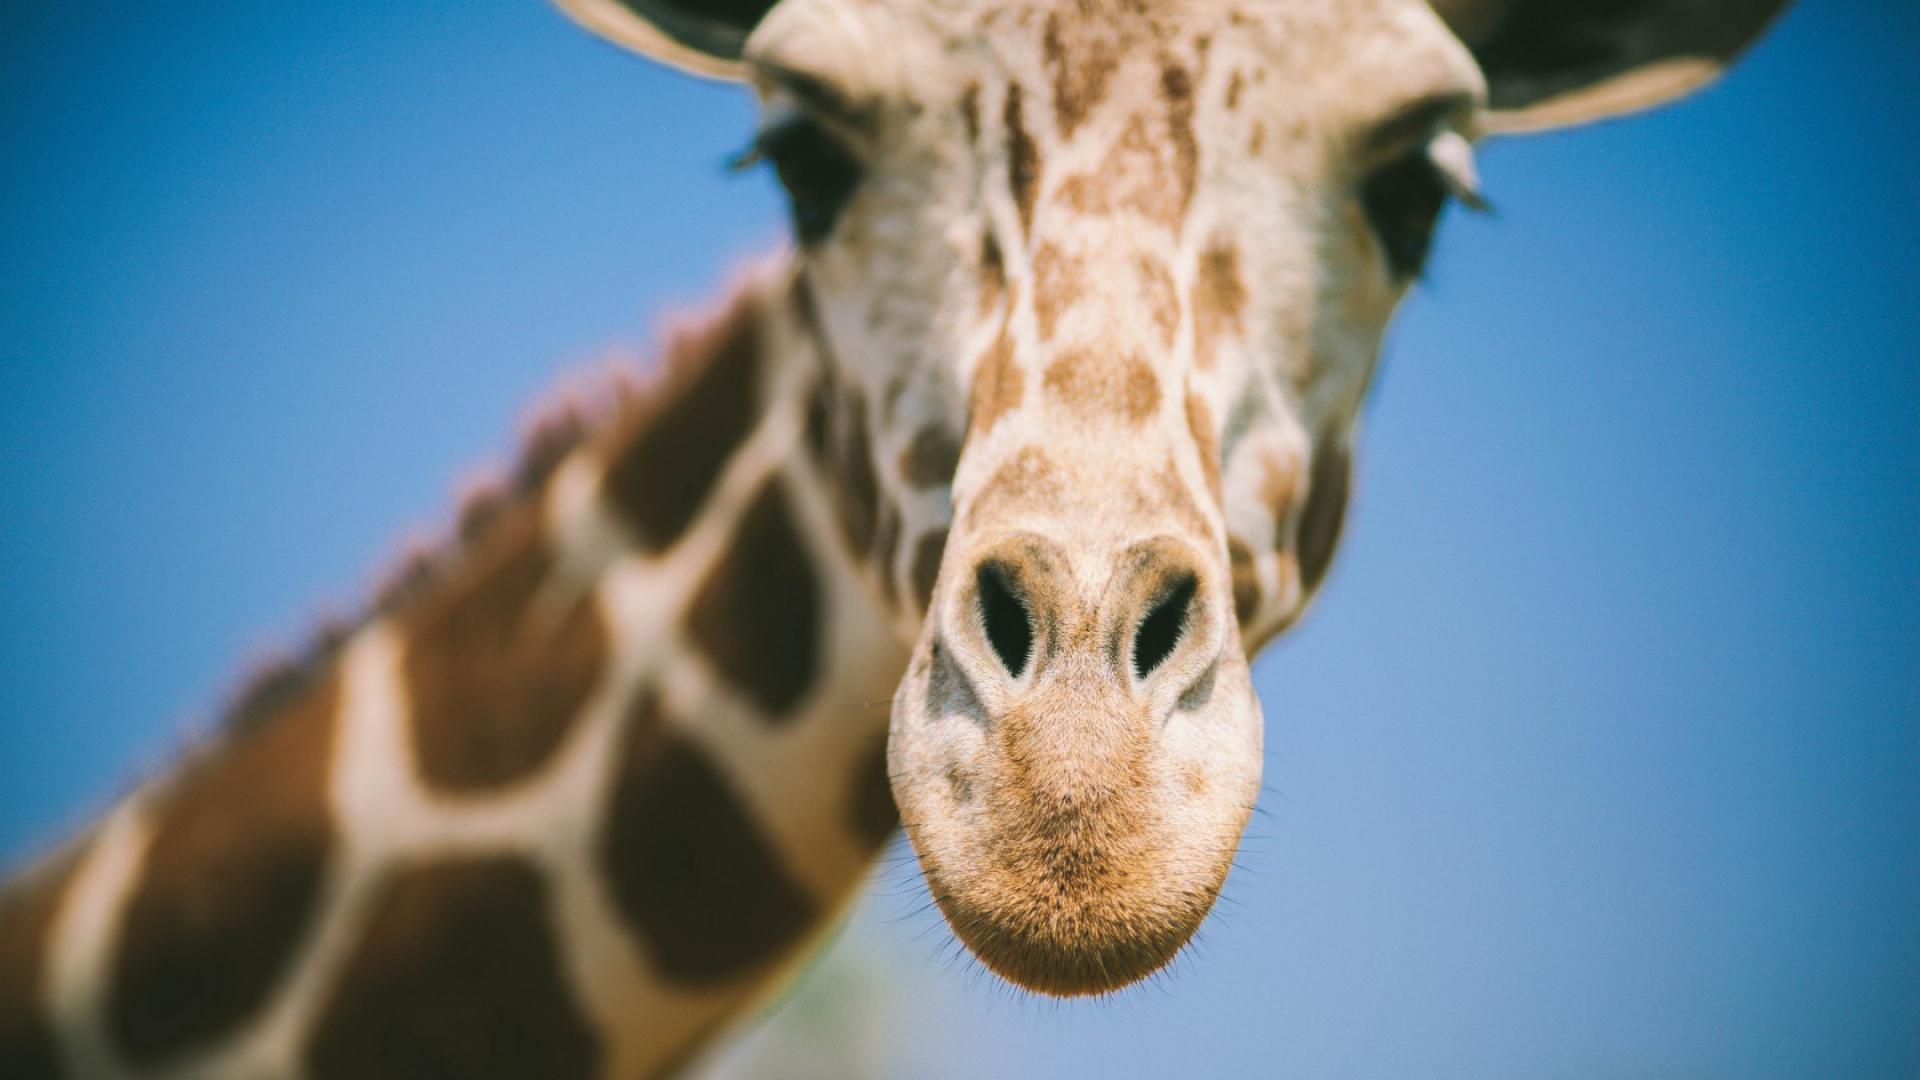 Giraffe Computer Backgrounds